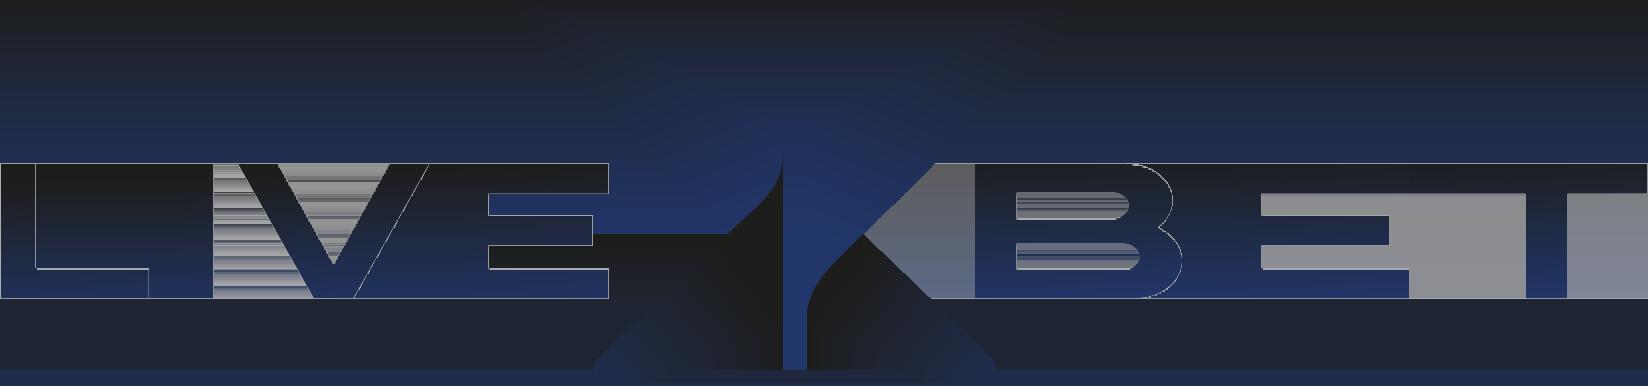 LIVE-XBET-Spor bilginleri ve hayranları, sporun onlara sadece eğlence ve zevk vereceğini değil, aynı zamanda güzel bir kazanç getireceğini de bilirler. Dünya genelinde bahis şirketleri en iyi oyuncularla birlikte oynamaya ve para kazanmaya yardım eder.